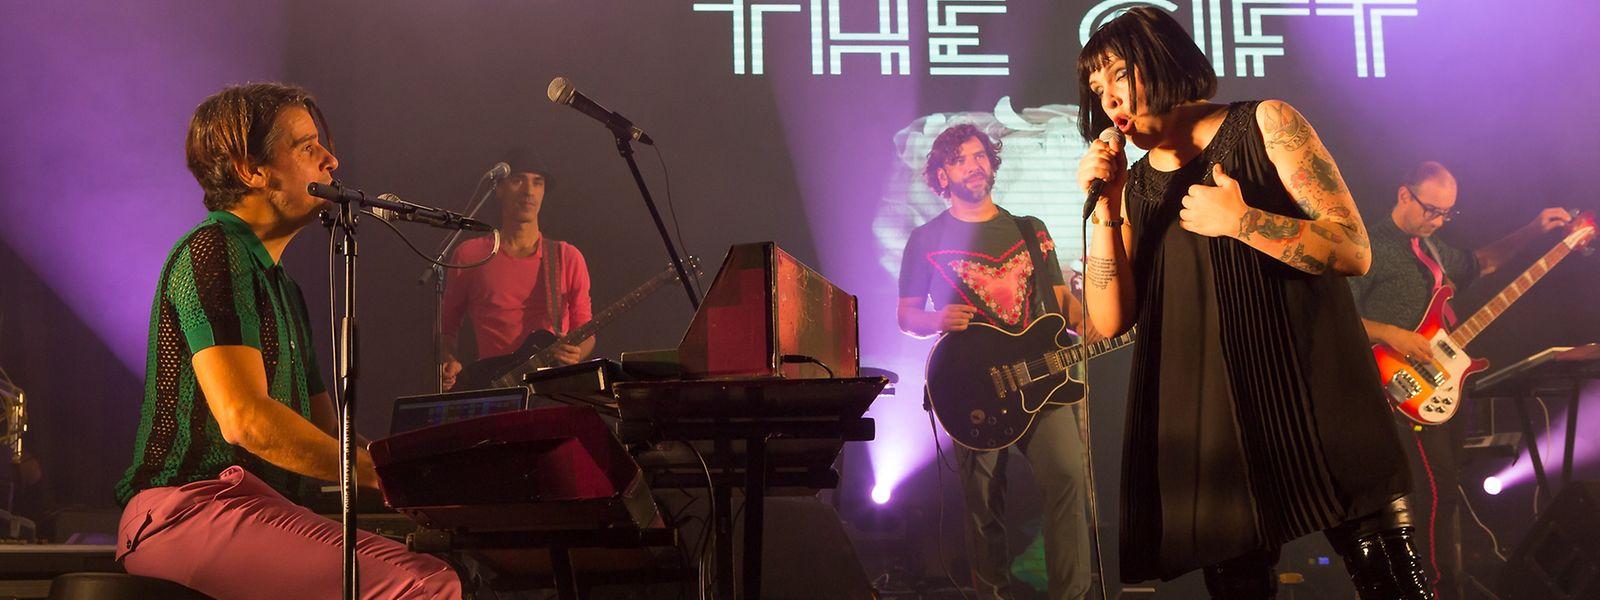 The Gift em concerto no Däichhal, em Ettelbruck, no dia 19 de novembro 2016.